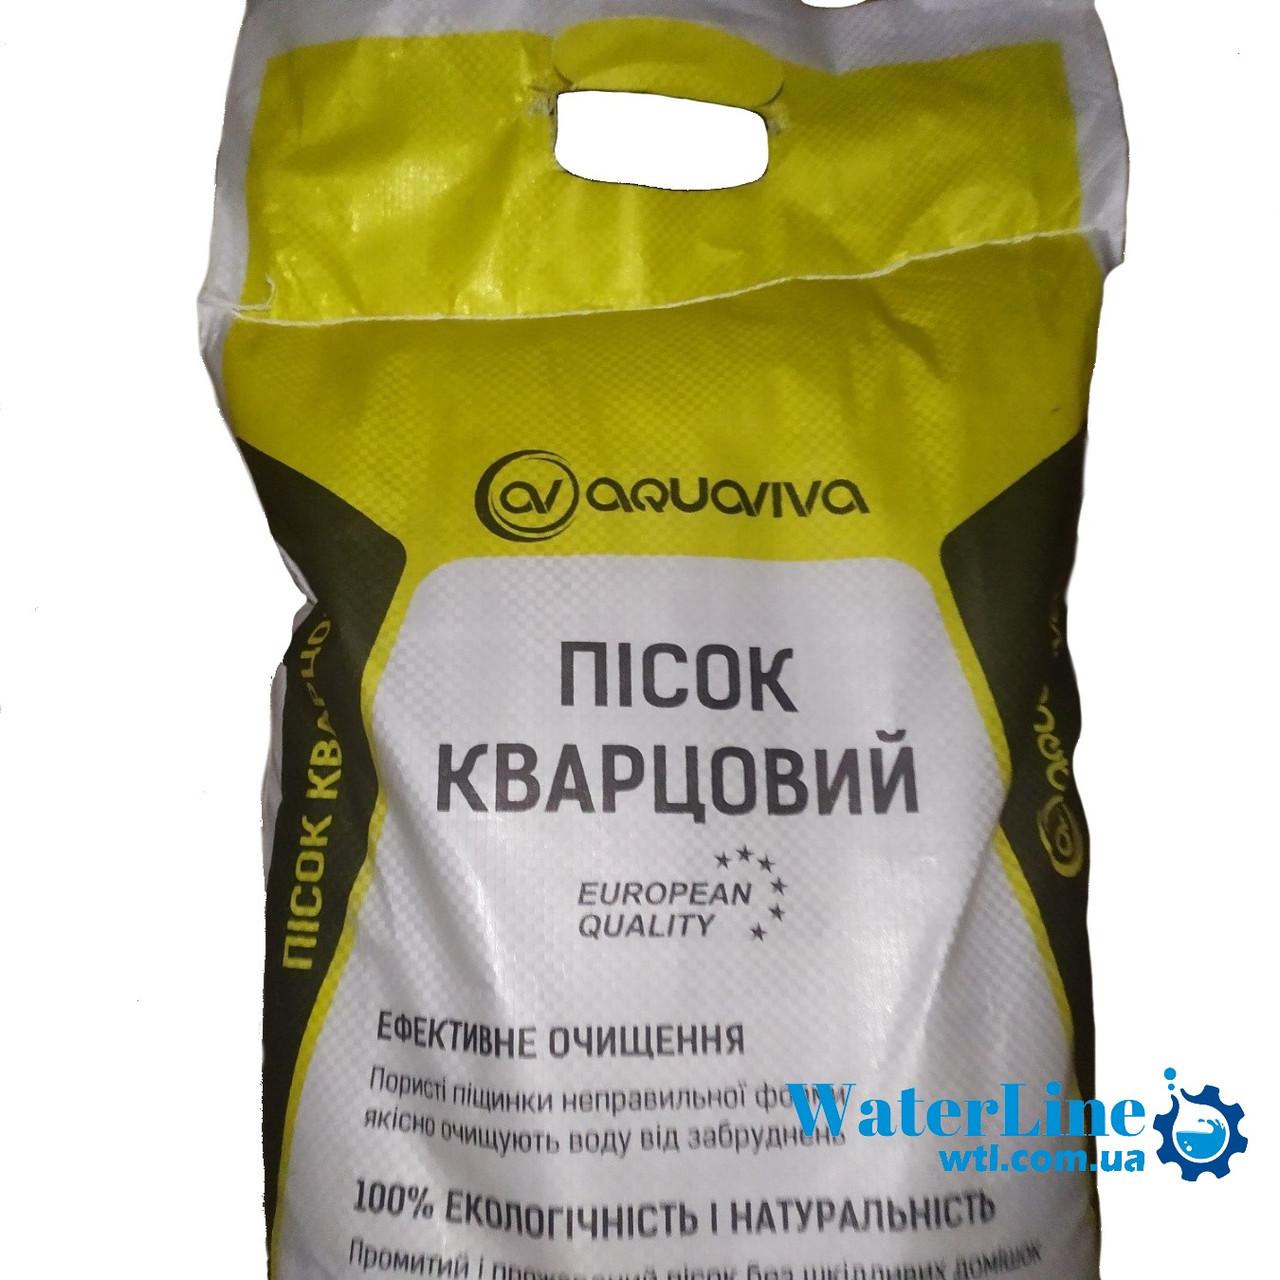 Кварцевый песок 25 кг AquaViva Фракция 0,8 - 1,2 мм. Для фильтрации бассейна